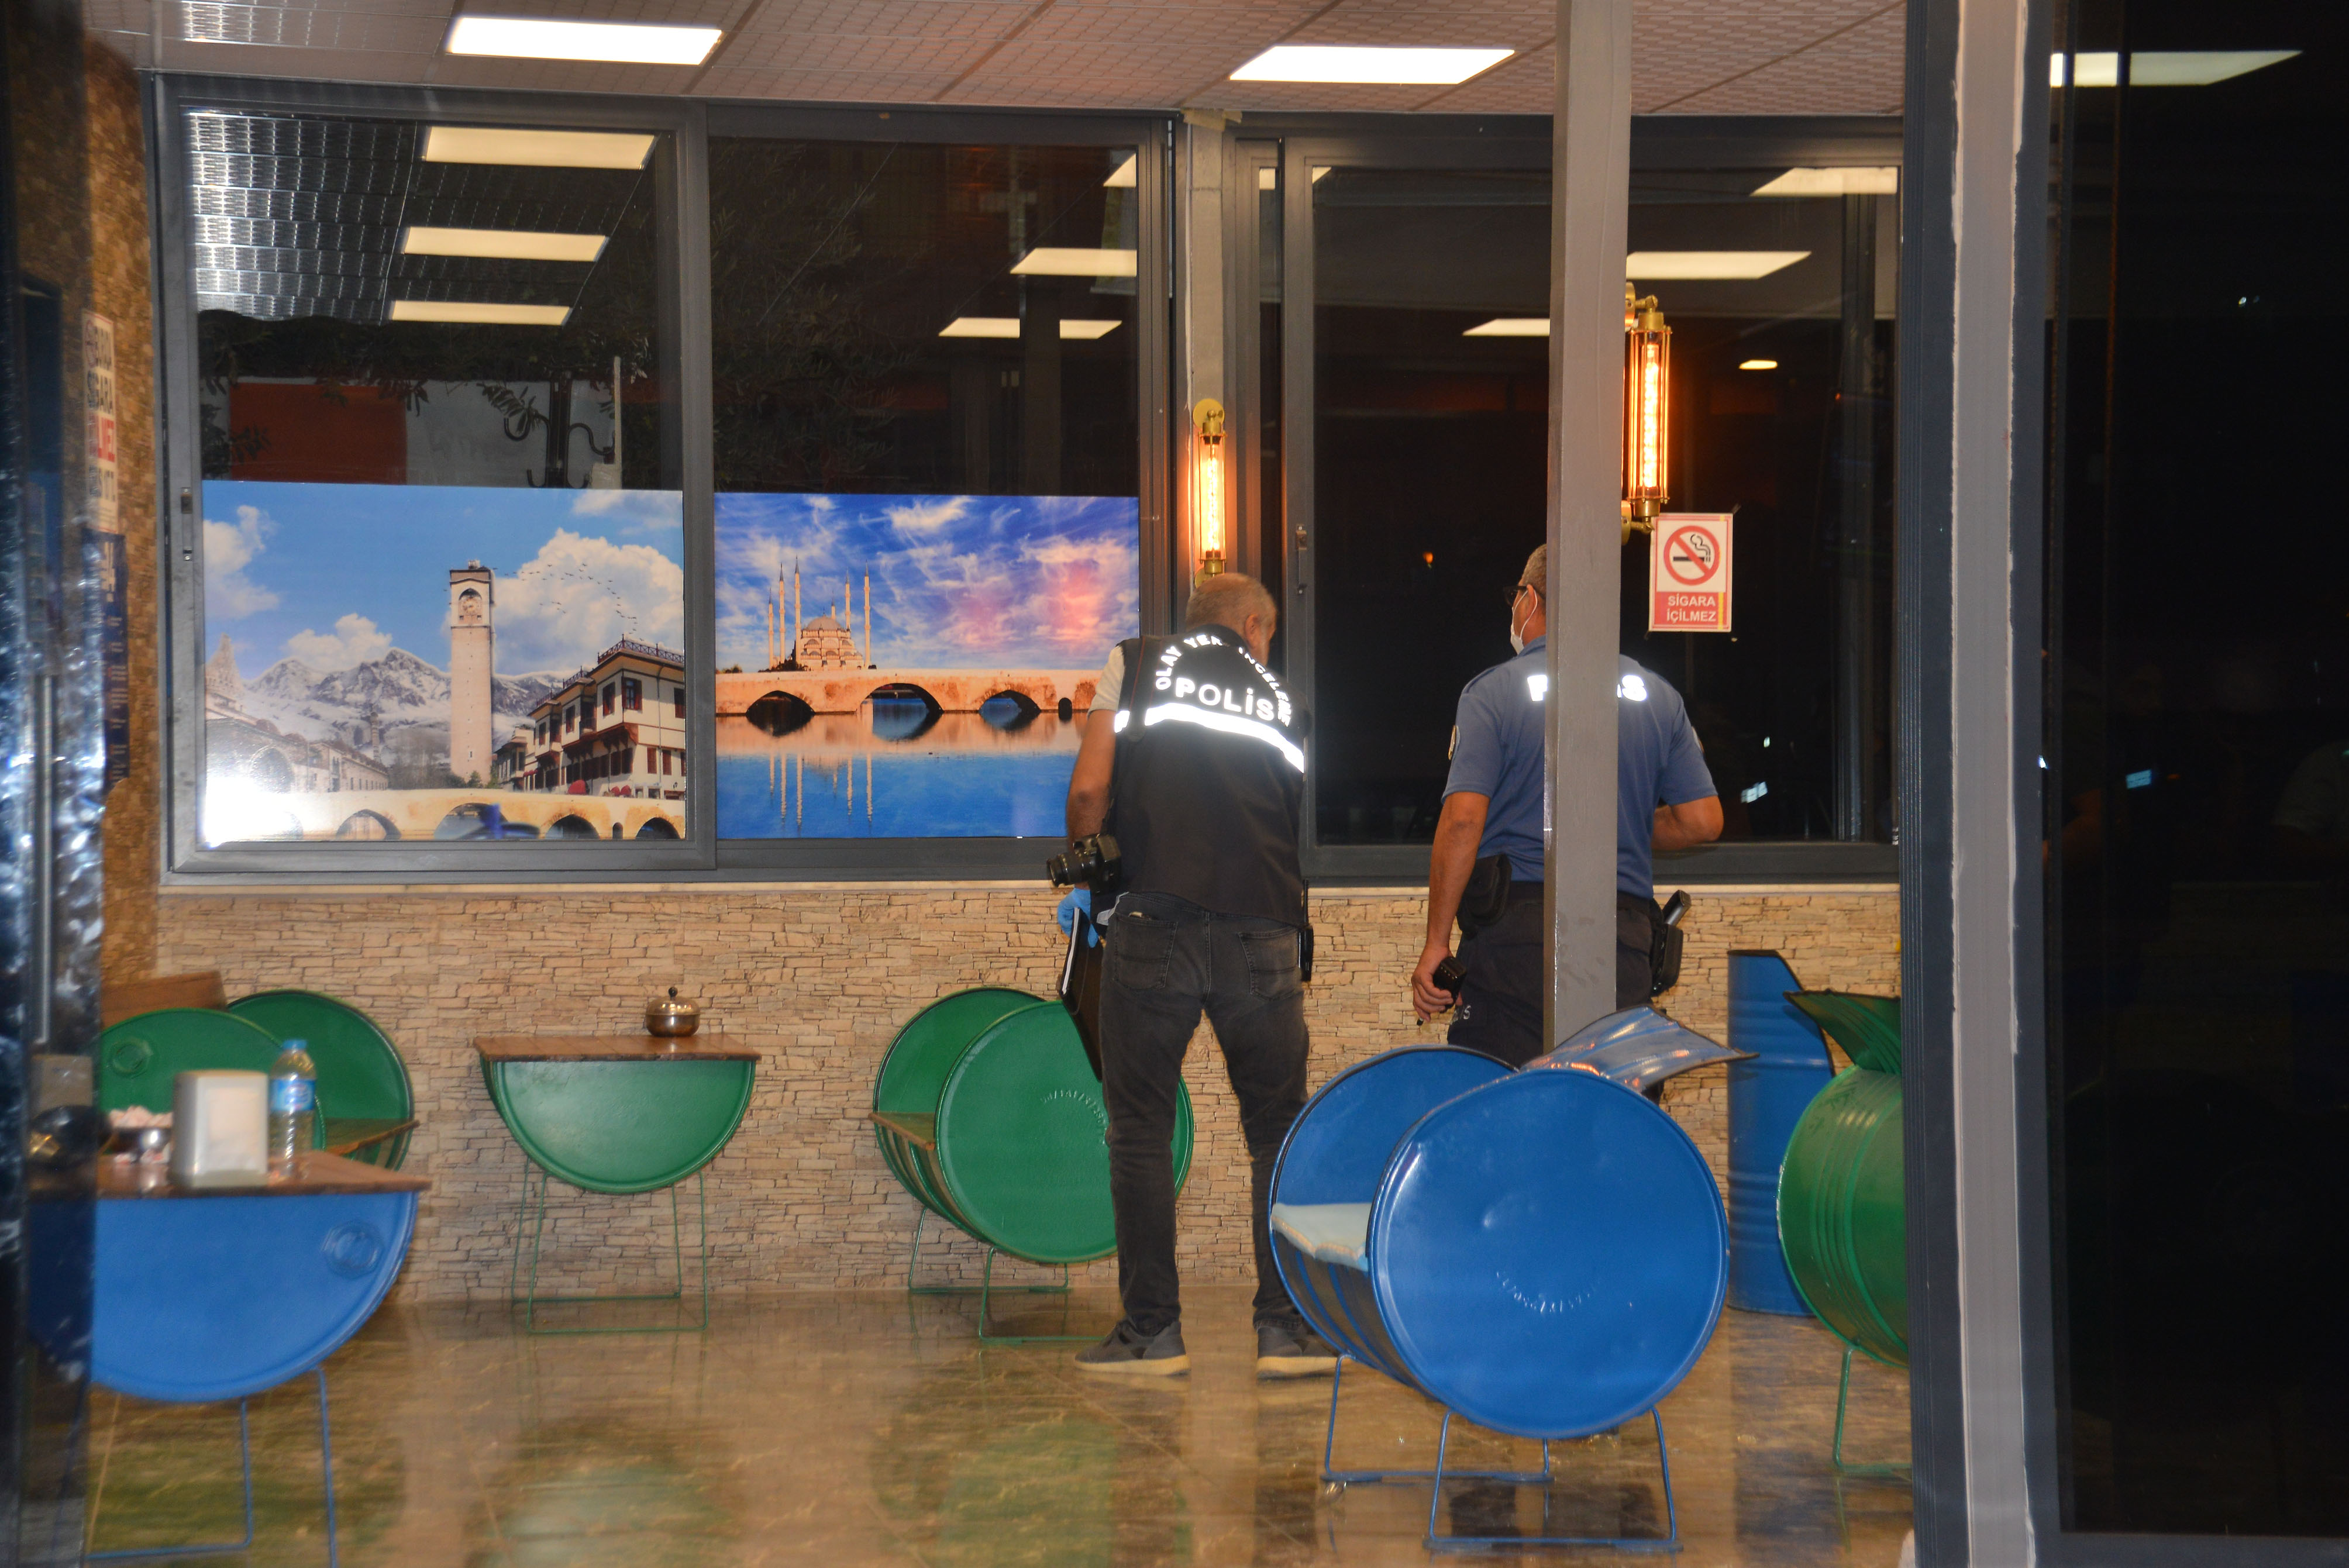 Adana'da börekçide silahlı kavga çıktı, 2 kişi yaralandı